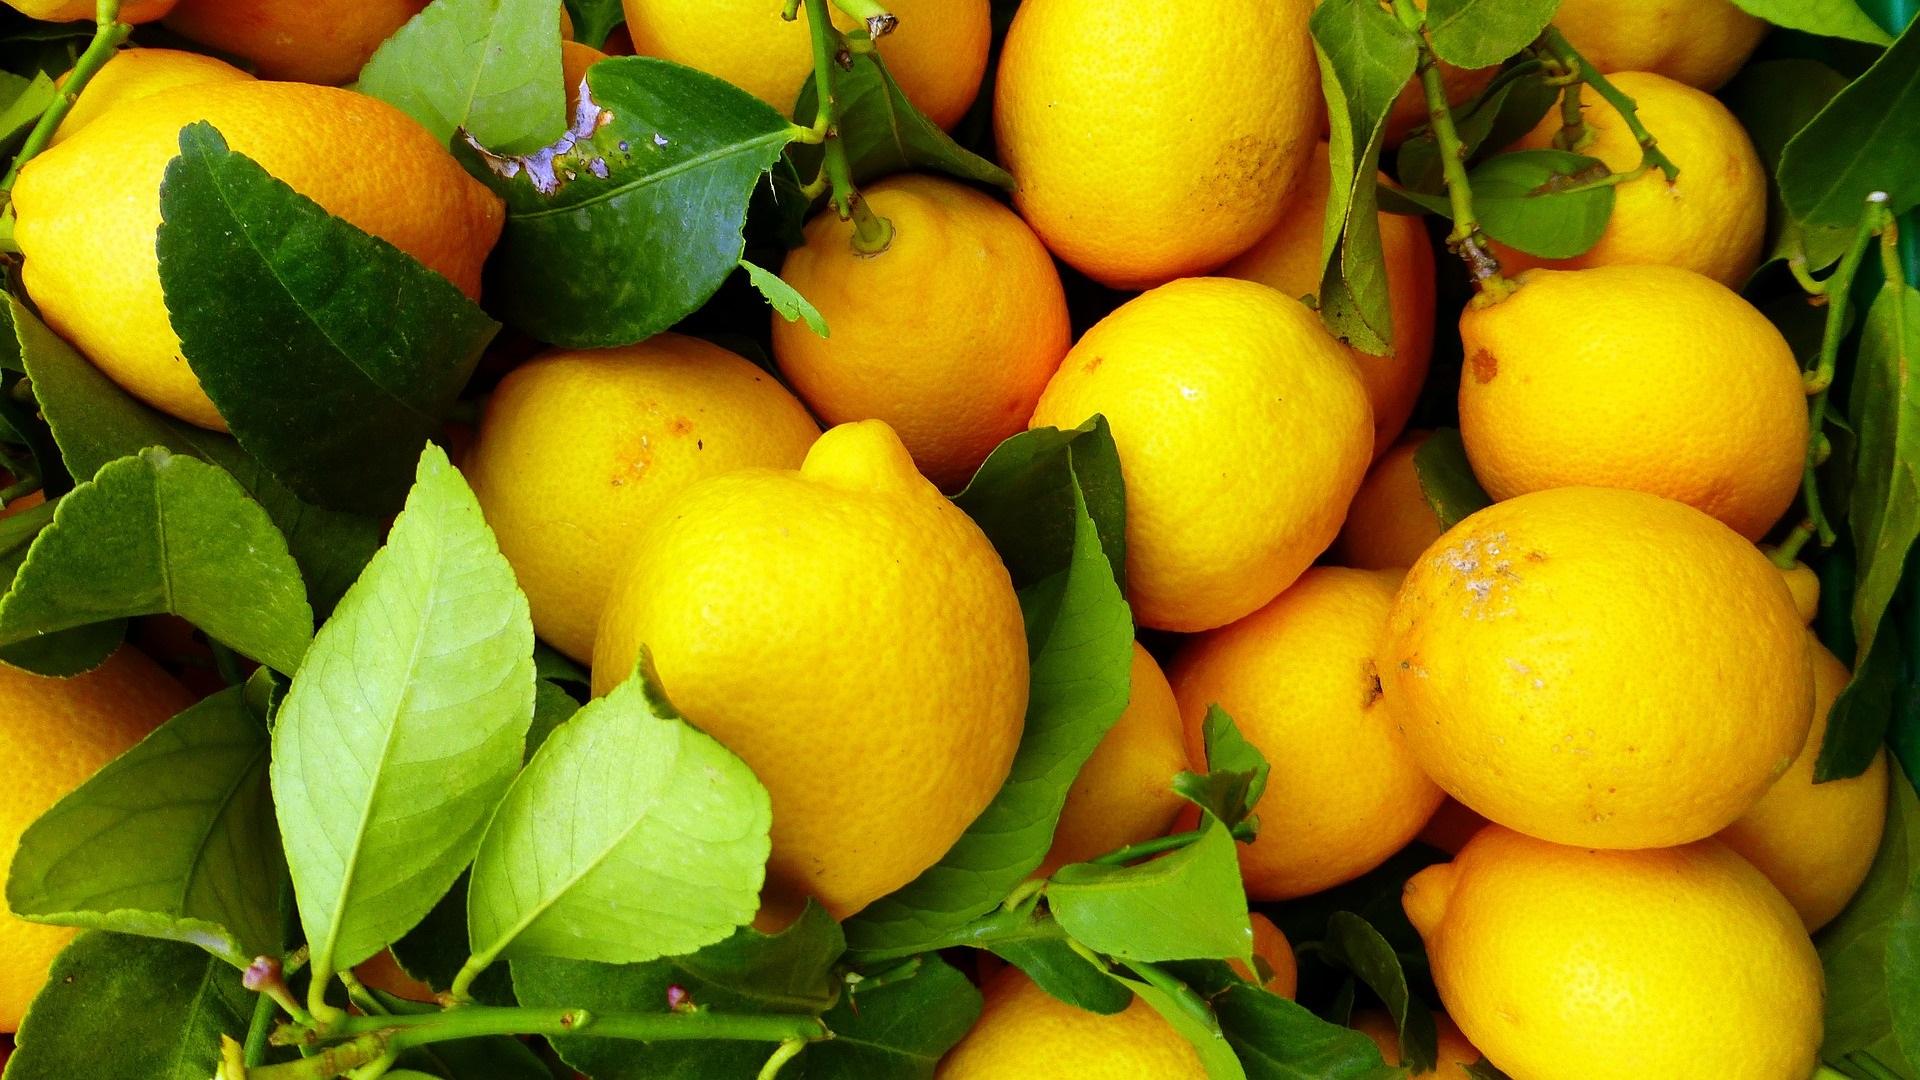 Zitronen - DAS Obst bei Hochzeiten 2019